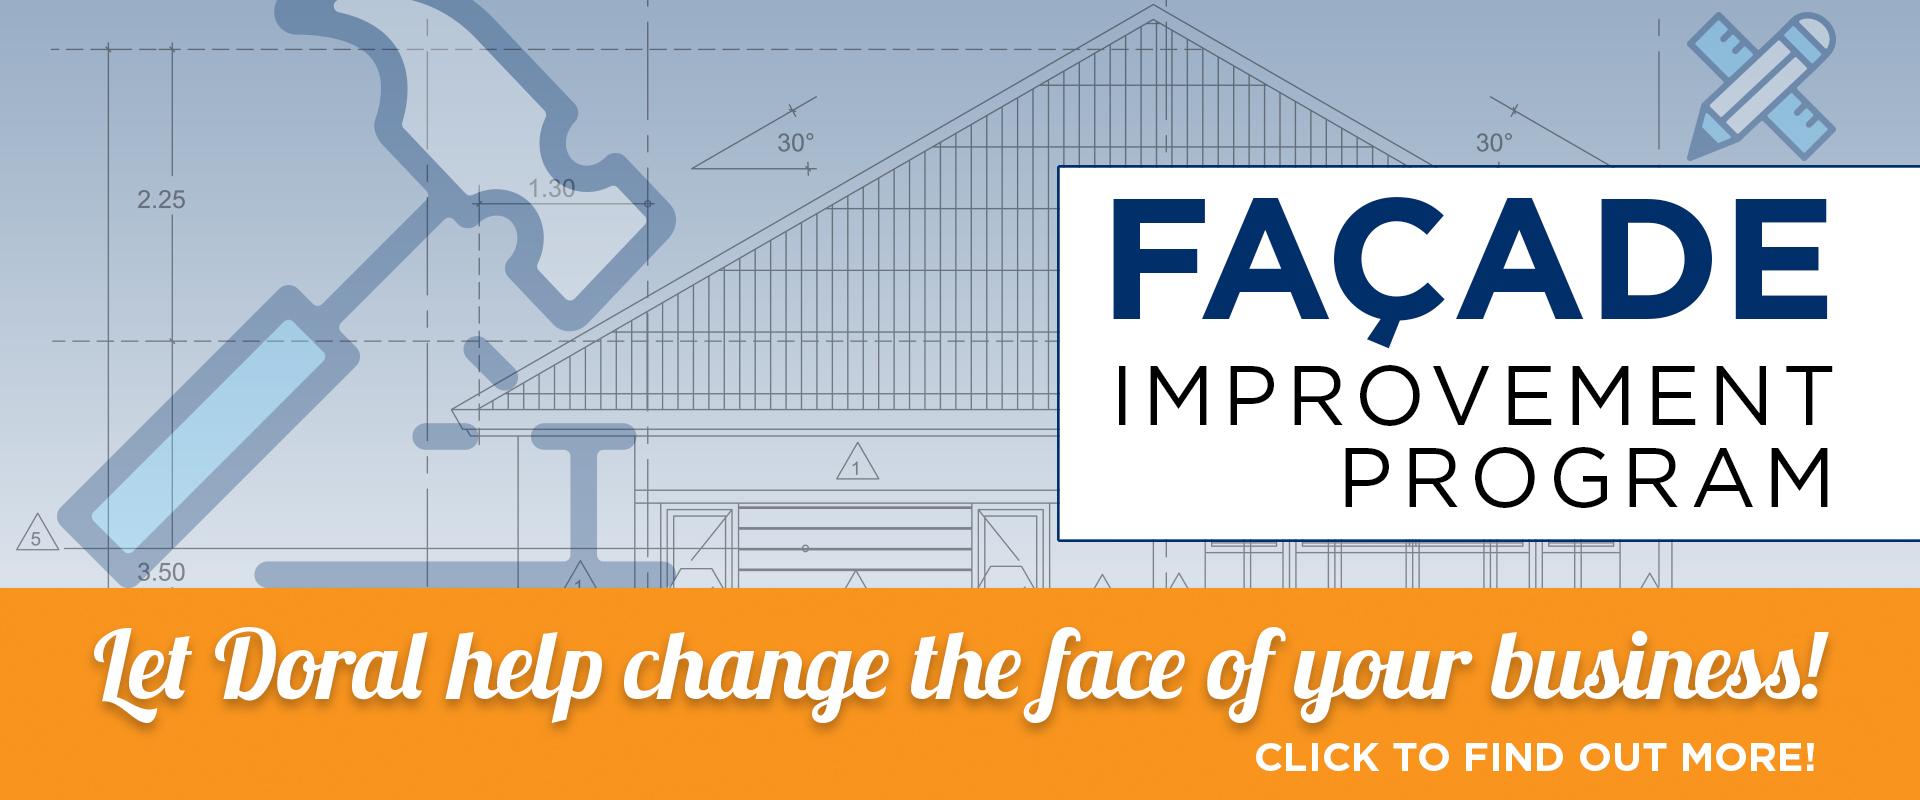 Facade Improvement Program